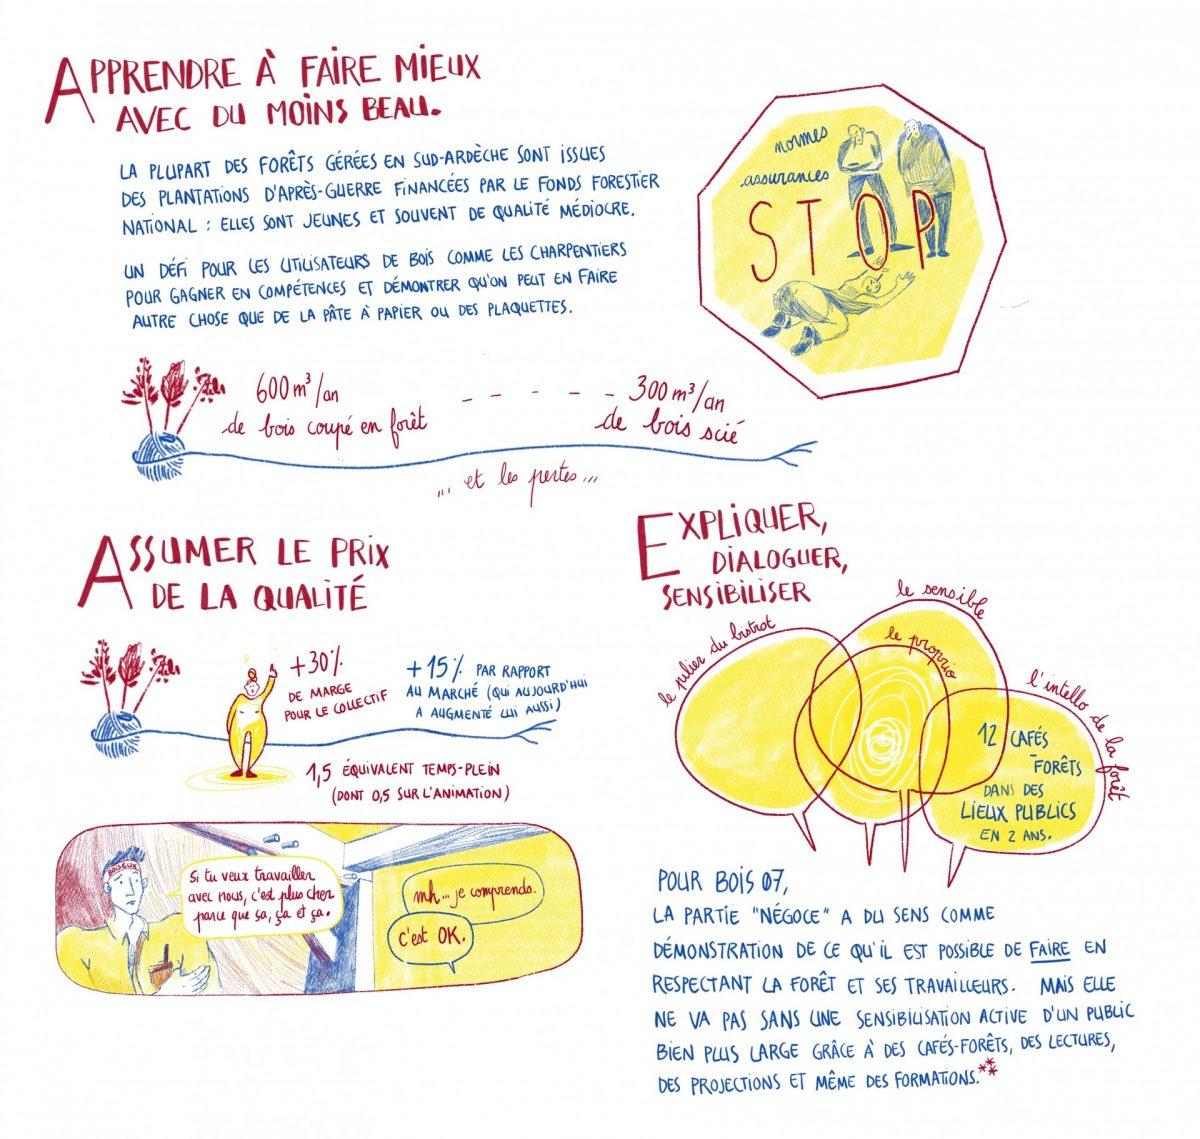 Bois 07 s'adapter aux forêts, reportage dessiné, copindesbois